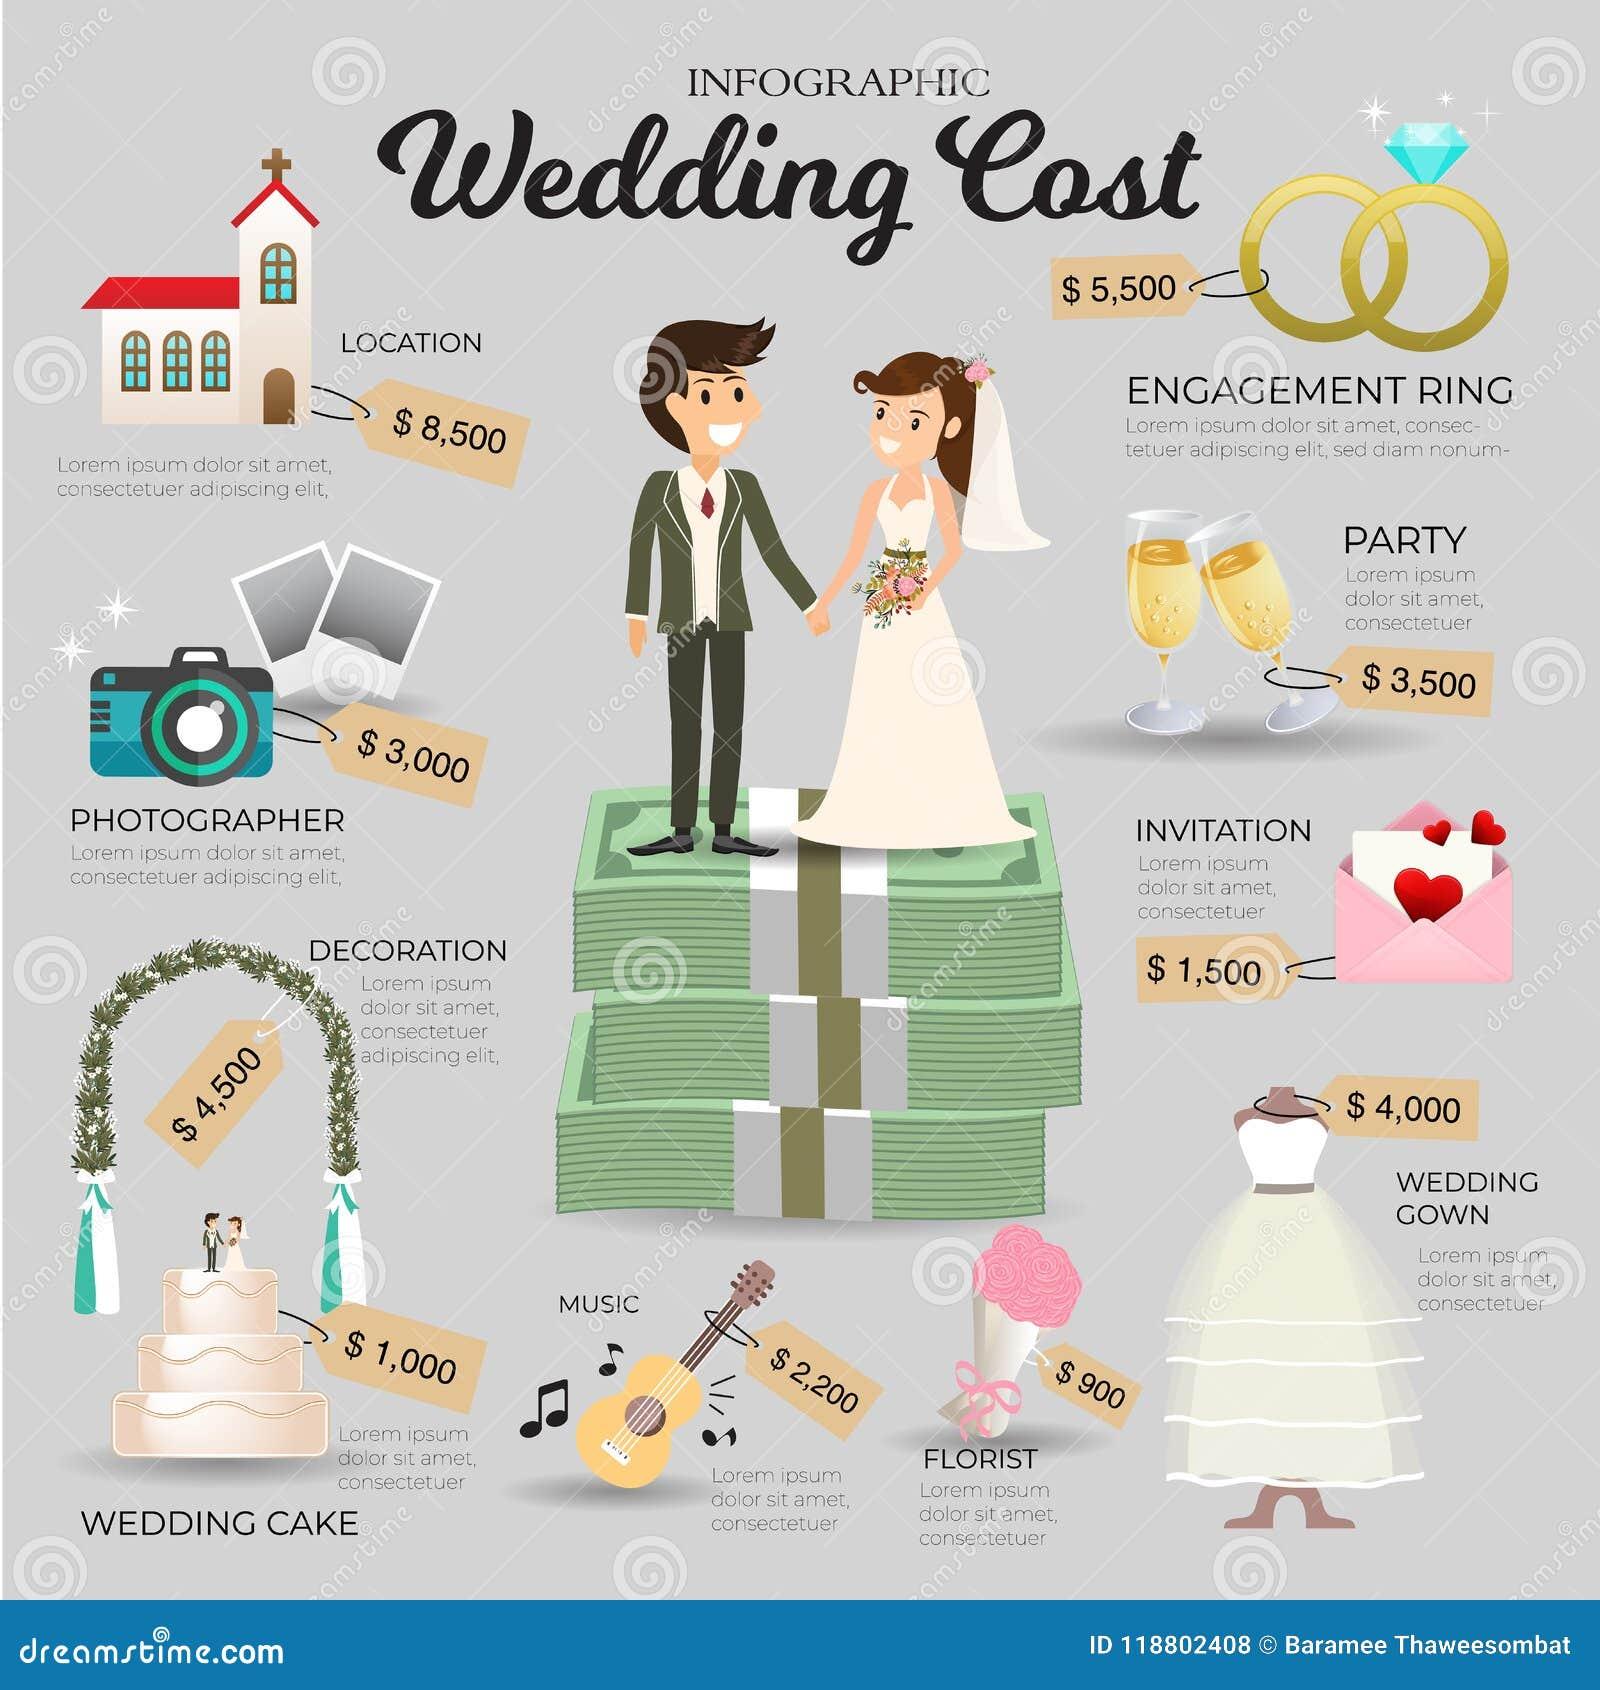 Γαμήλιο κόστος Infographic Διανυσματικές πληροφορίες